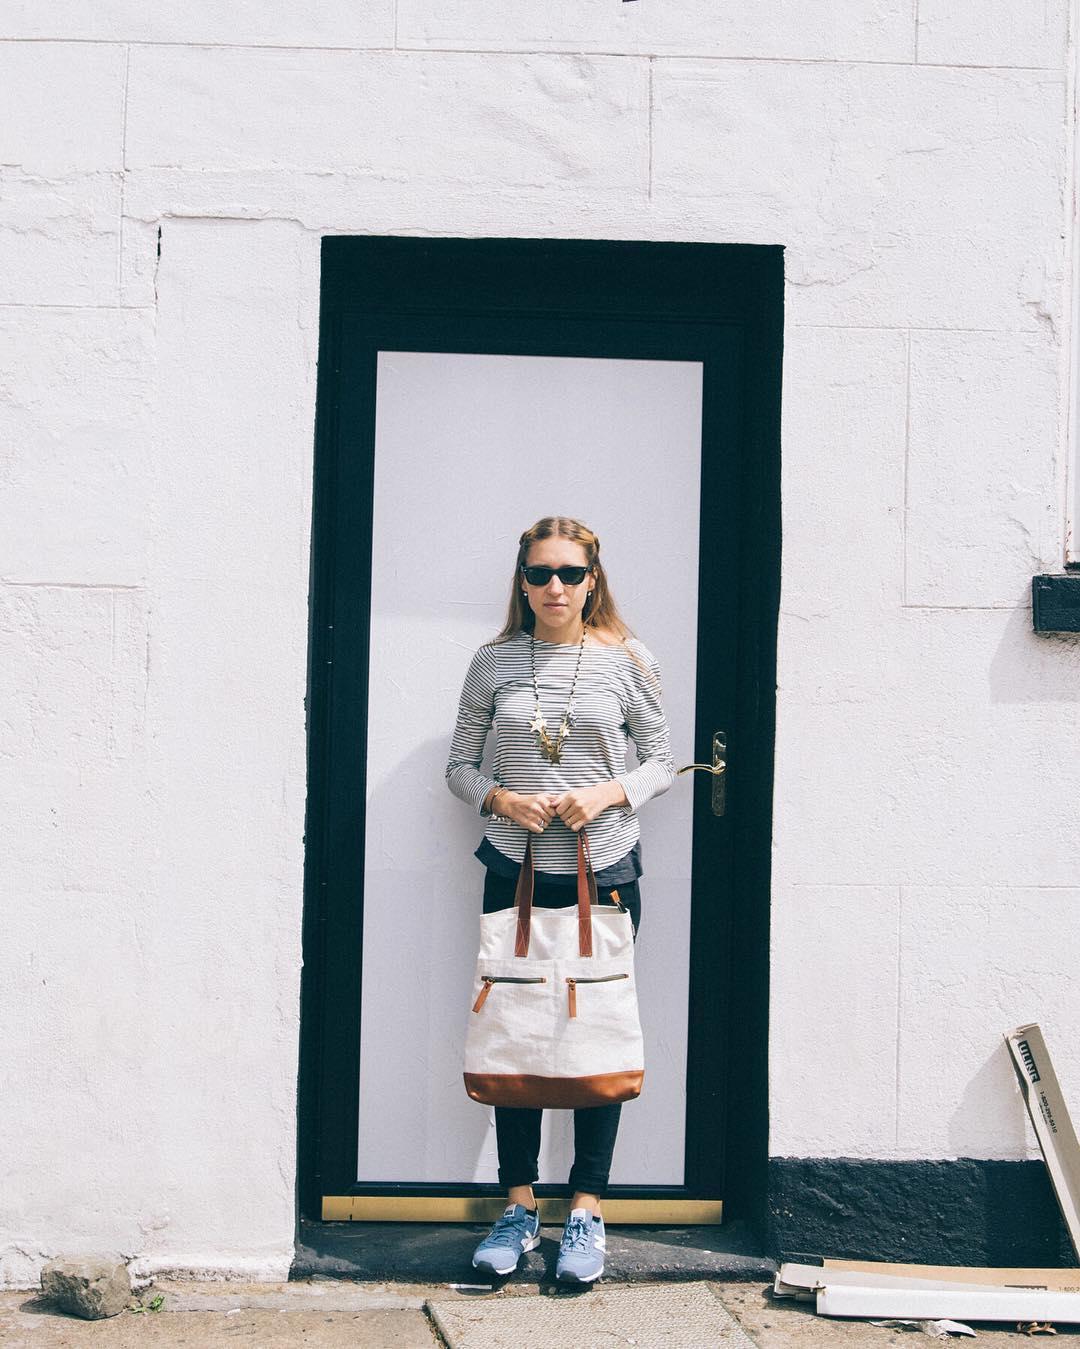 Brighton Sailors®, de velas recicladas y cuero de curtido vegetal en stock.  www.tinchoandlola.com ----- #tinchoandlola #tincholife #recycledstories #mochilas #cuero #algodon #diseño #diseñoargentino #buenosaires #argentina  #style #fashion #backpack...